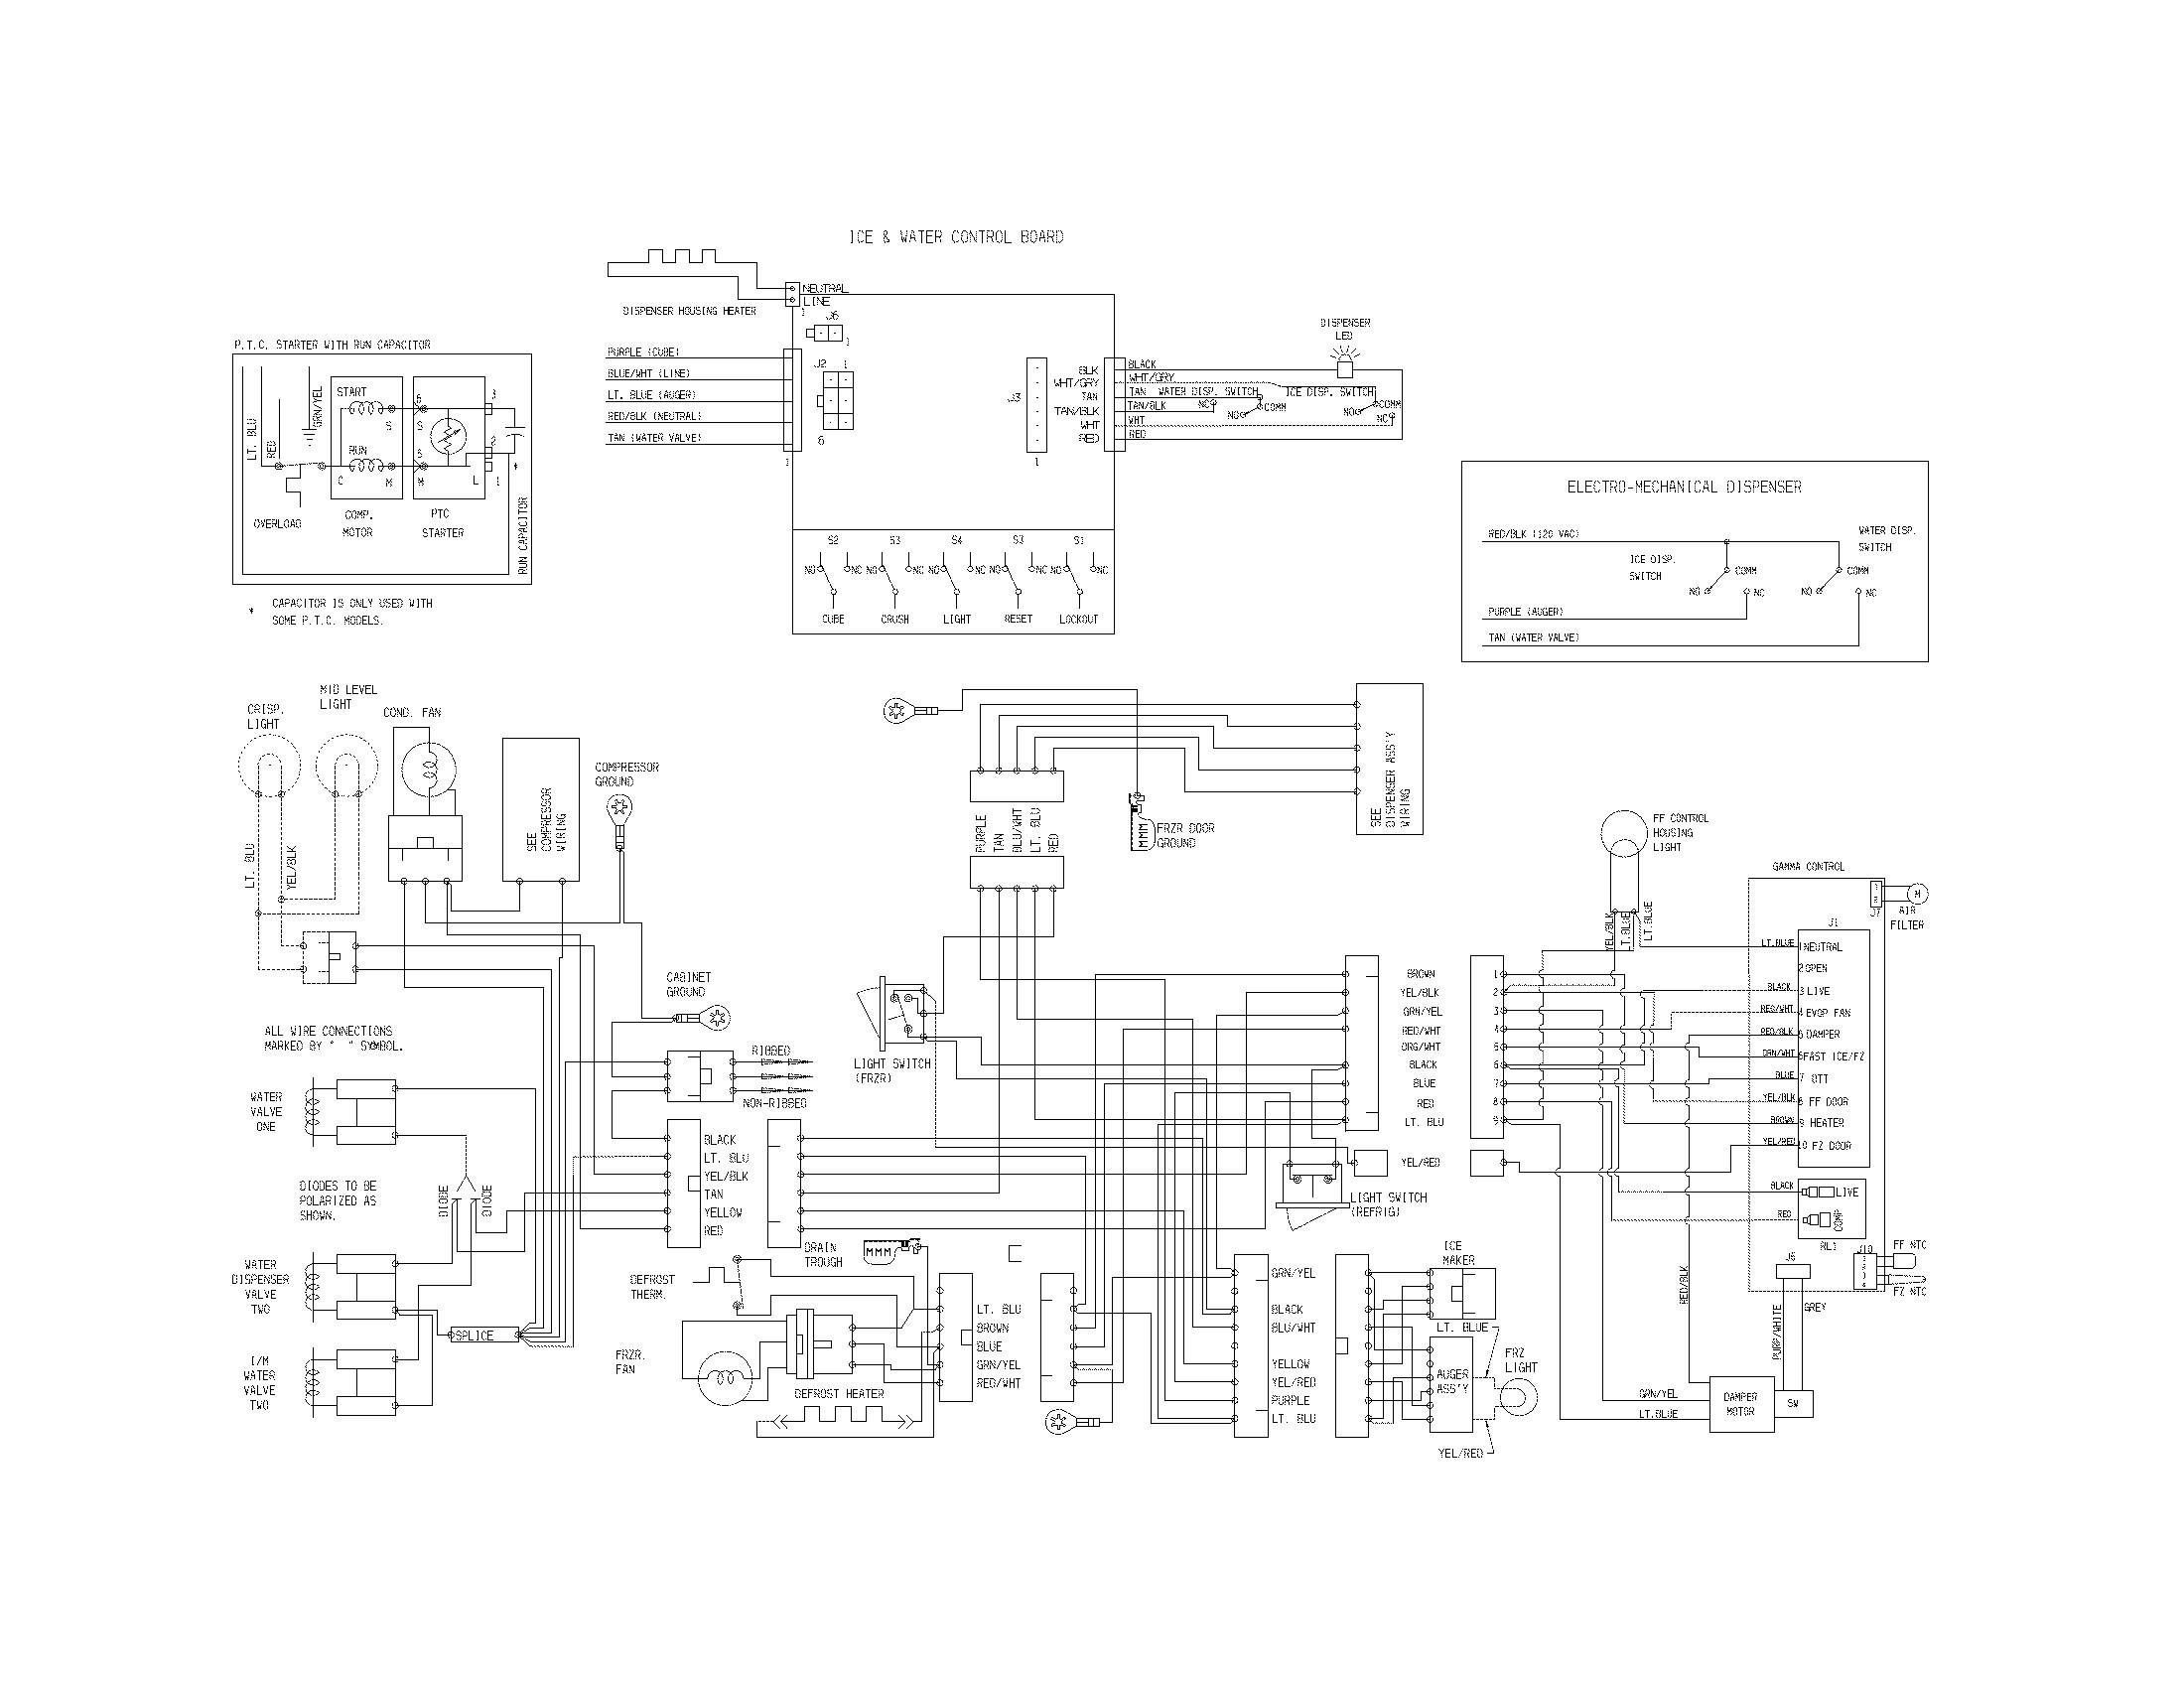 Frigidaire Refrigerator Electrical Diagram Wiring Diagram